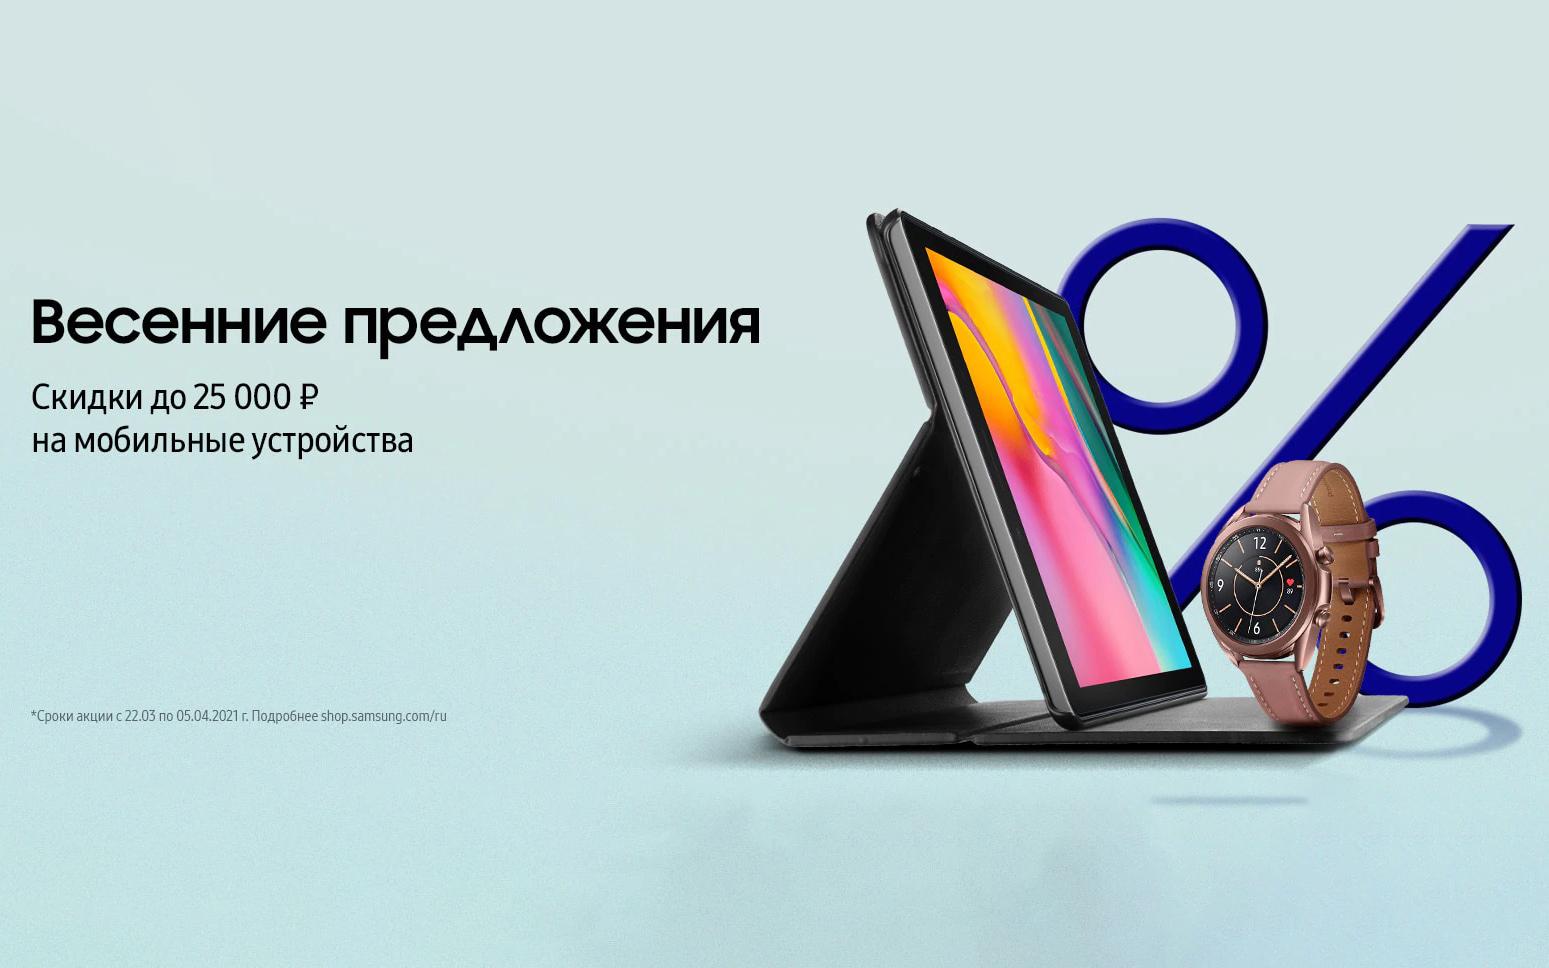 В России более дорогой Samsung Galaxy S20 продаётся дешевле базового Galaxy S20